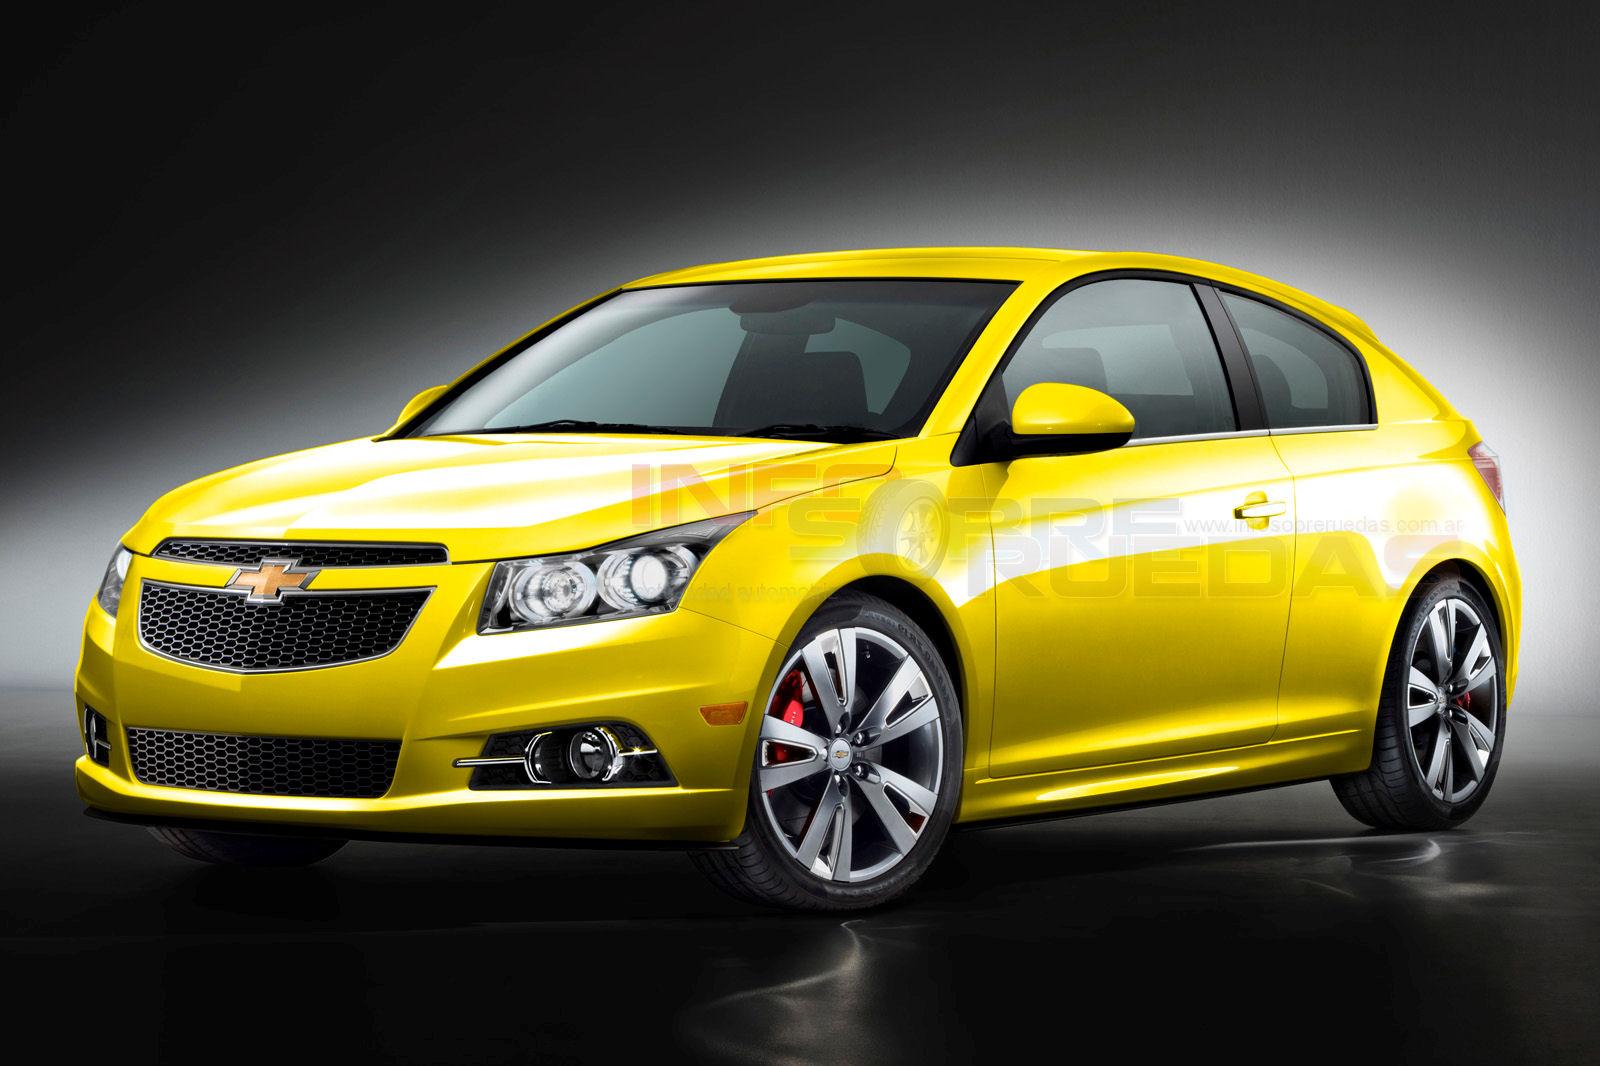 El concept de la versi n hatchback 5 puertas del modelo se mostr en el sal n del autom vil de par s si bien no posee las l neas definitivas